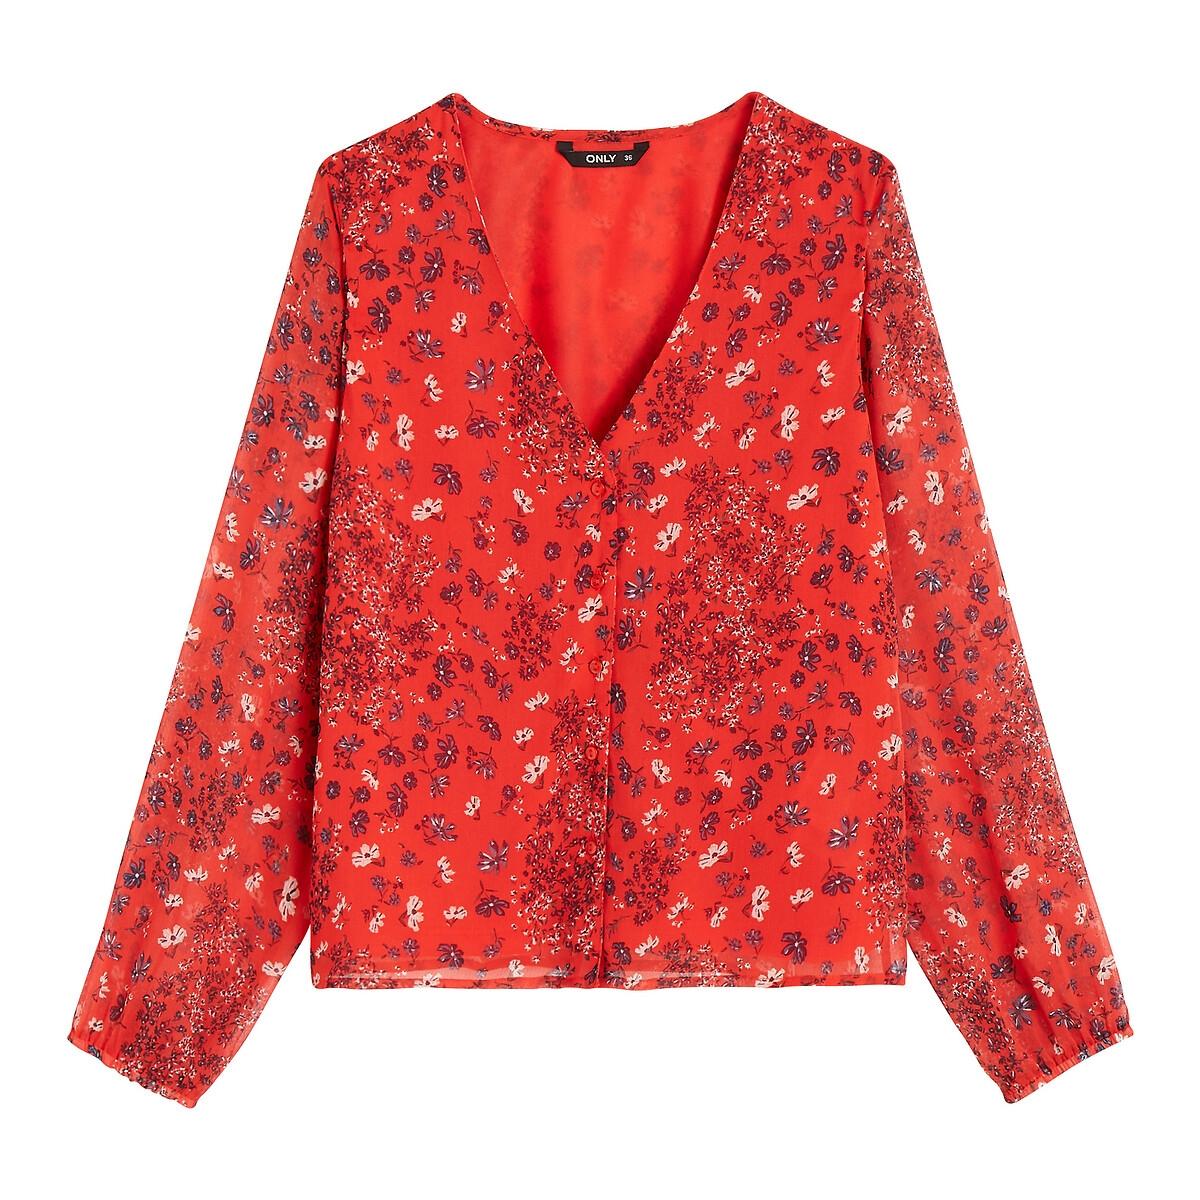 Блузка La Redoute Струящаяся с длинными рукавами v-образный вырез 36 (FR) - 42 (RUS) розовый платье la redoute радужное estelle 36 fr 42 rus черный